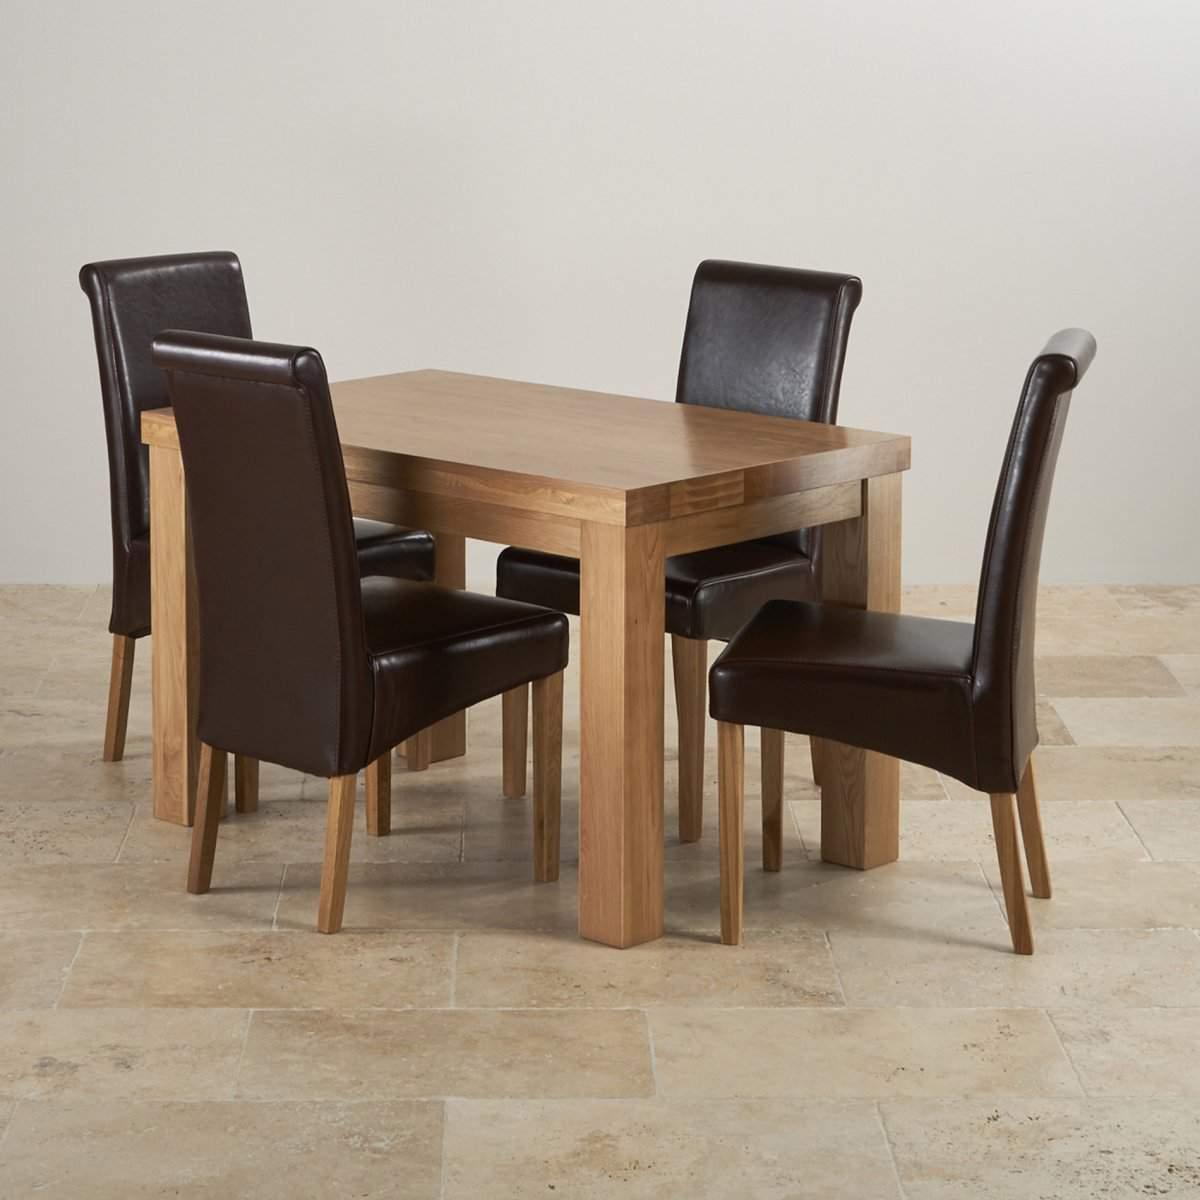 Mẫu bàn ghế ăn bằng gỗ cao cấp – TC17118